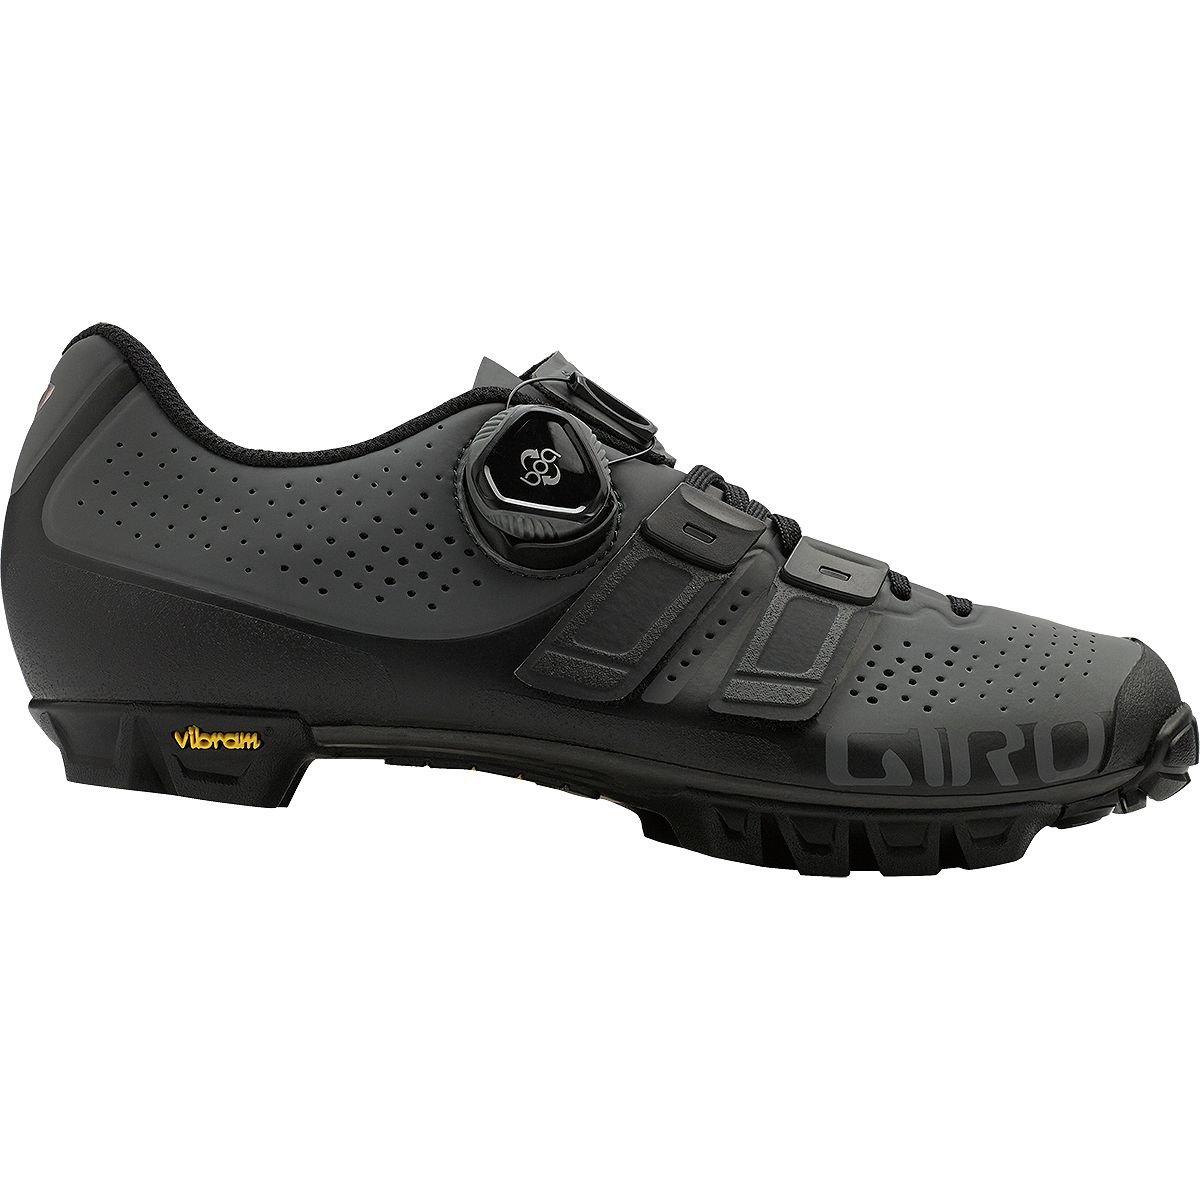 [ジロ Giro] レディース スポーツ サイクリング Sica Techlace Shoe [並行輸入品] B0799DM31X 41